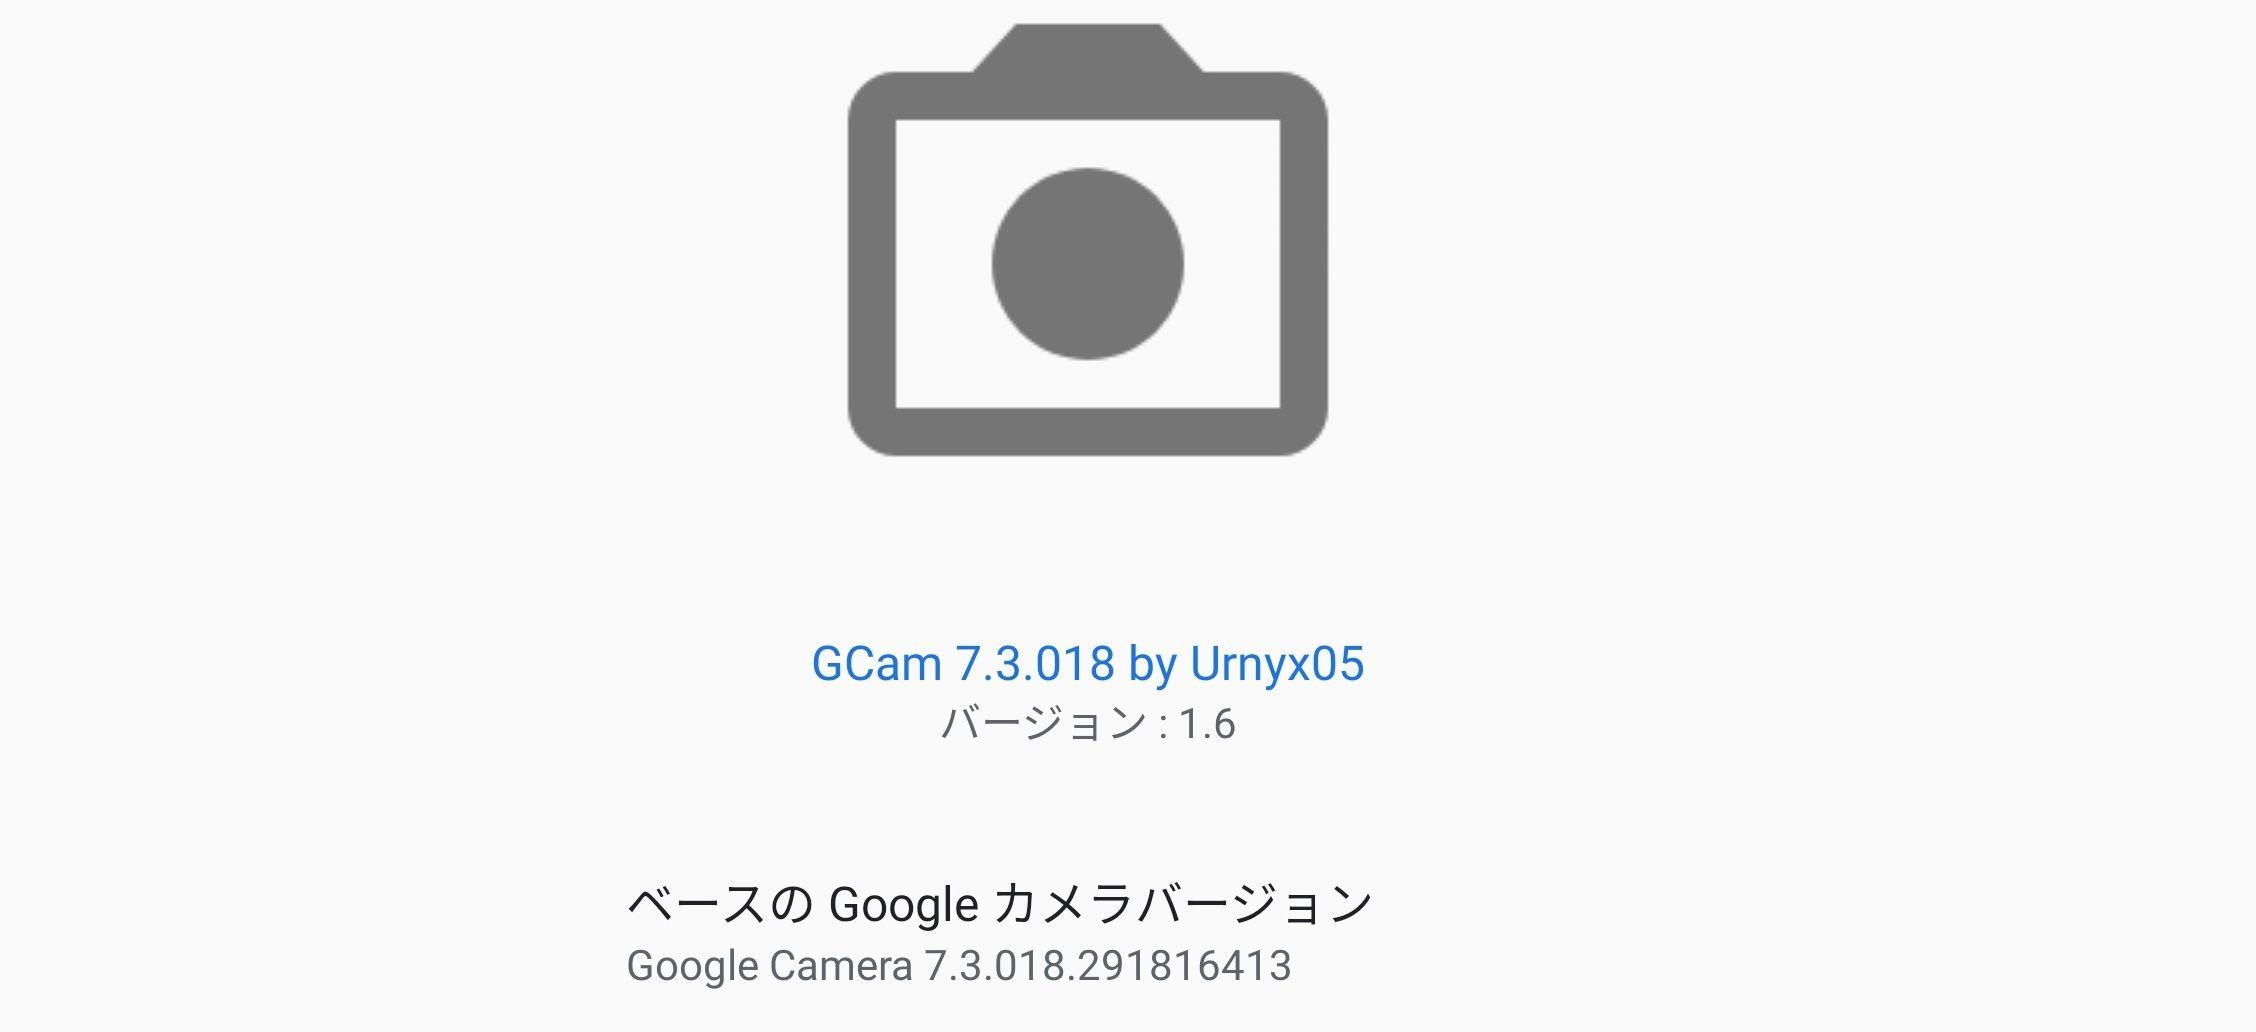 Meizu 16sにGCam 7.3.018のインストールに成功、他機種は不明